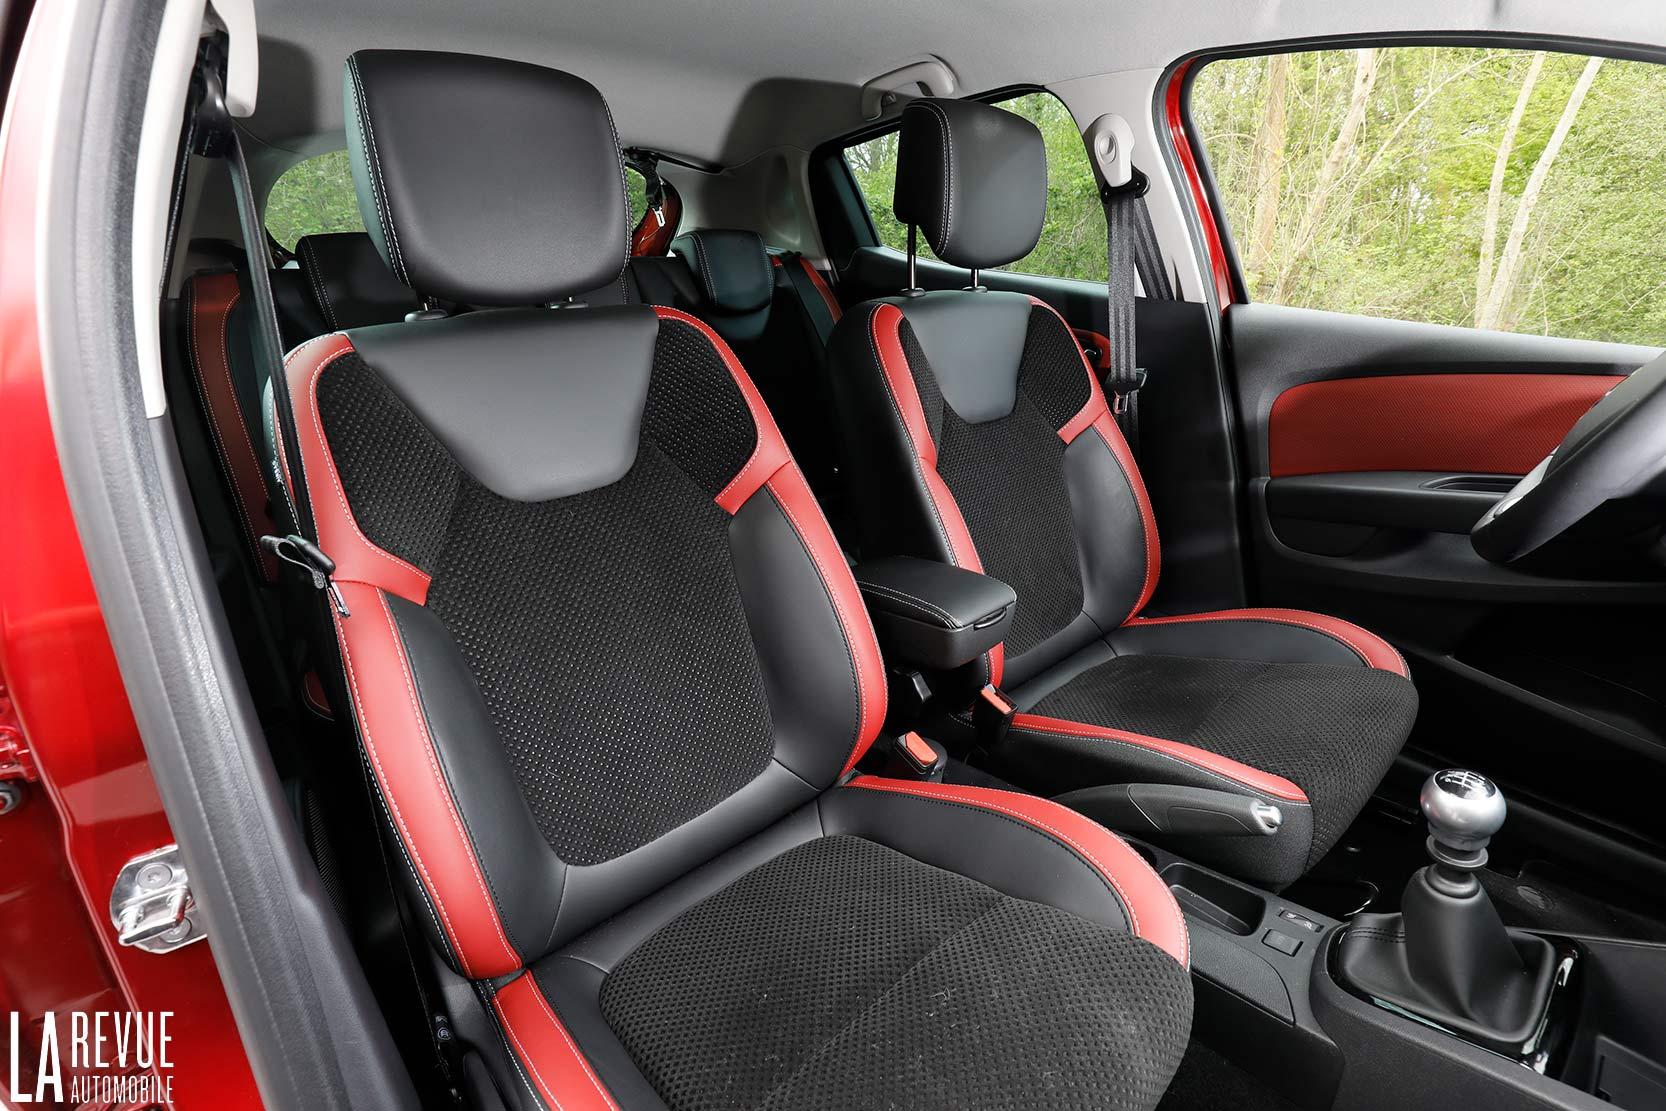 Intérieur Renault Clio 4 Intens